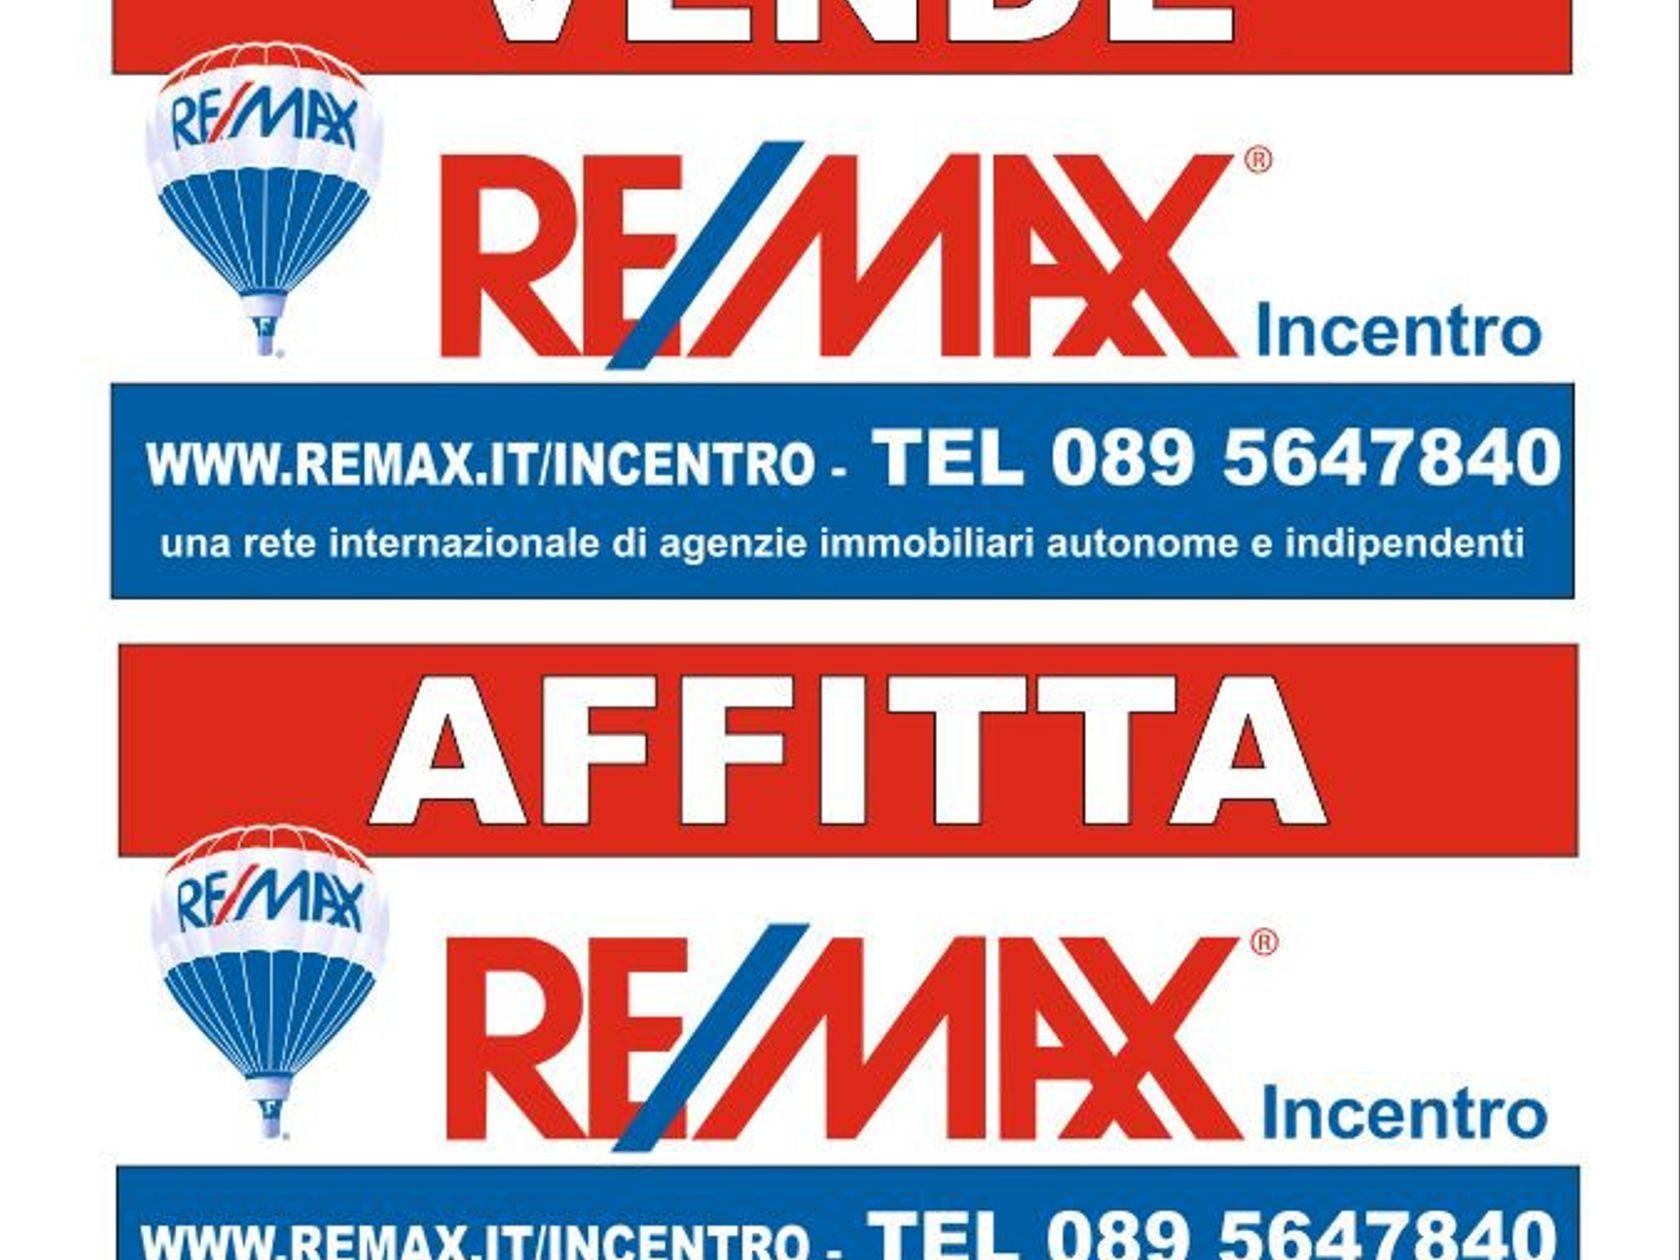 RE/MAX Incentro Salerno - Foto 2